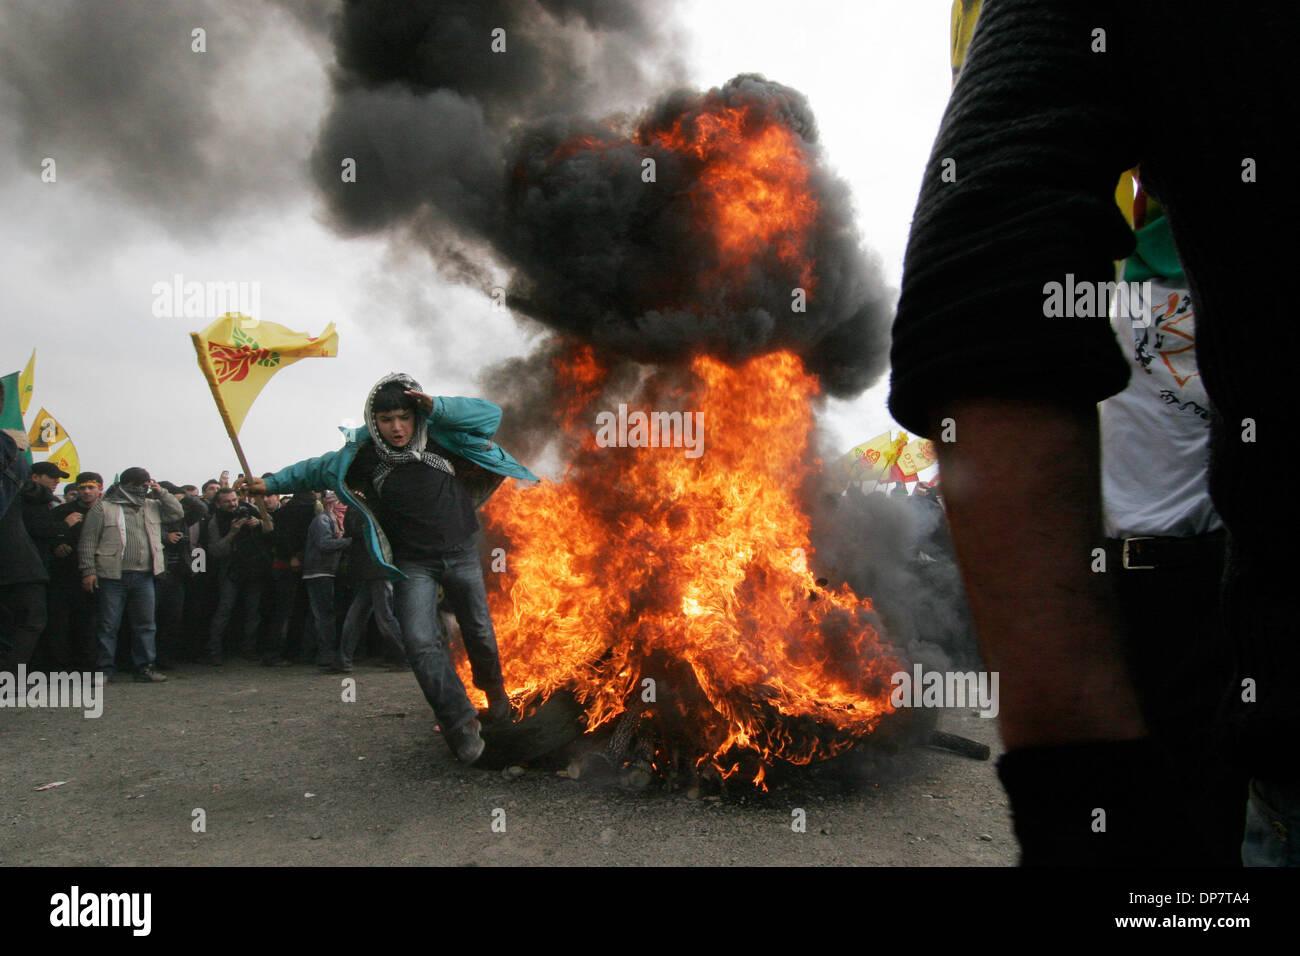 Download Festival 2006 Riots